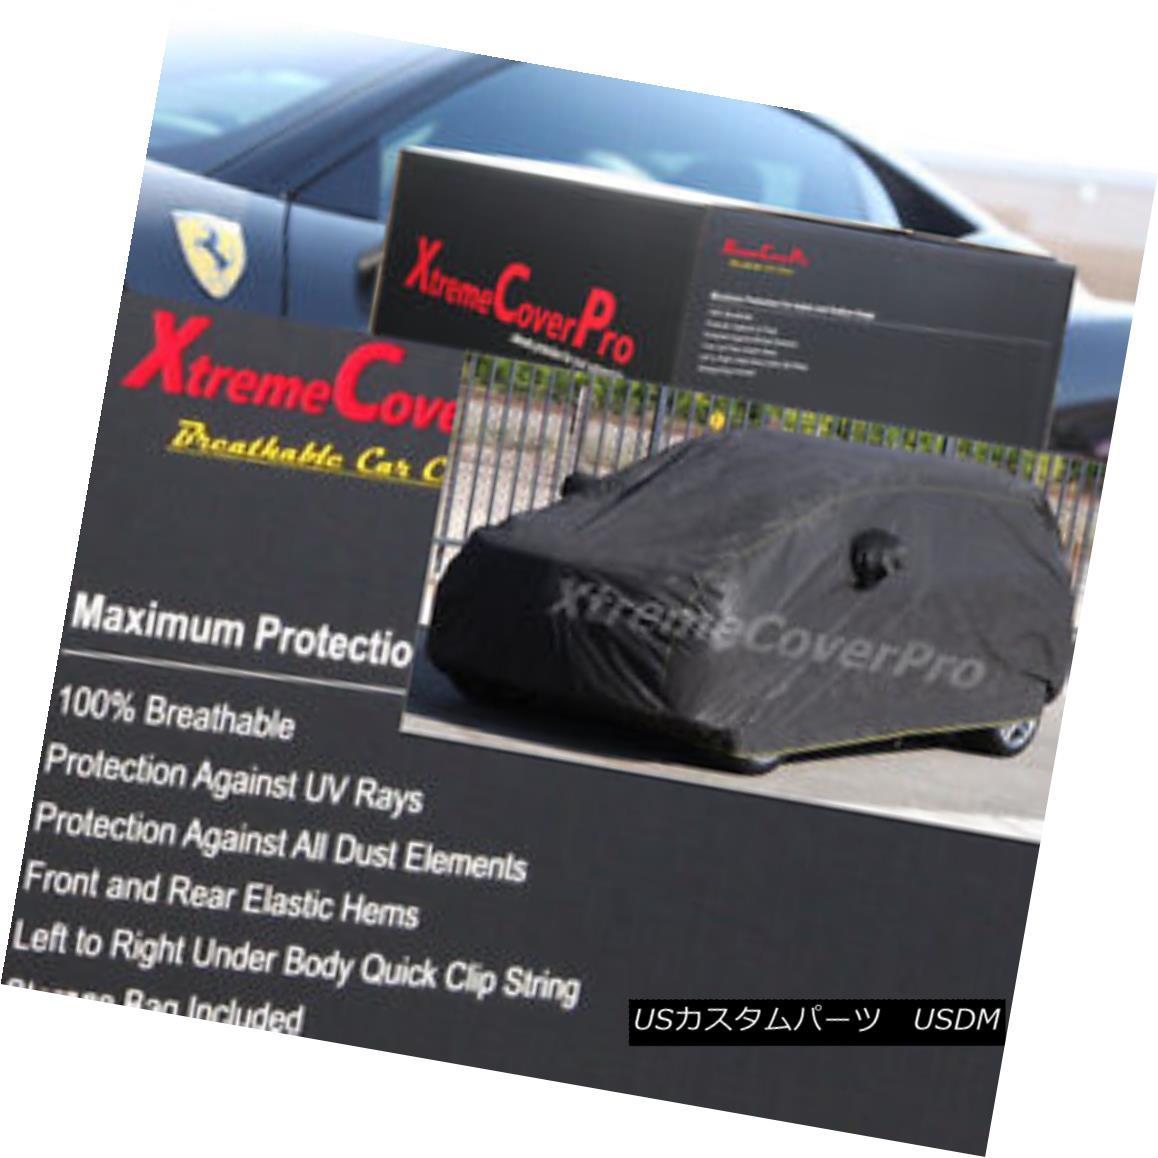 カーカバー 2011 Mercedes ML350 ML550 ML63 Breathable Car Cover w/MirrorPocket 2011年メルセデスML350 ML550 ML63通気性車カバー付き/ MirrorPocket